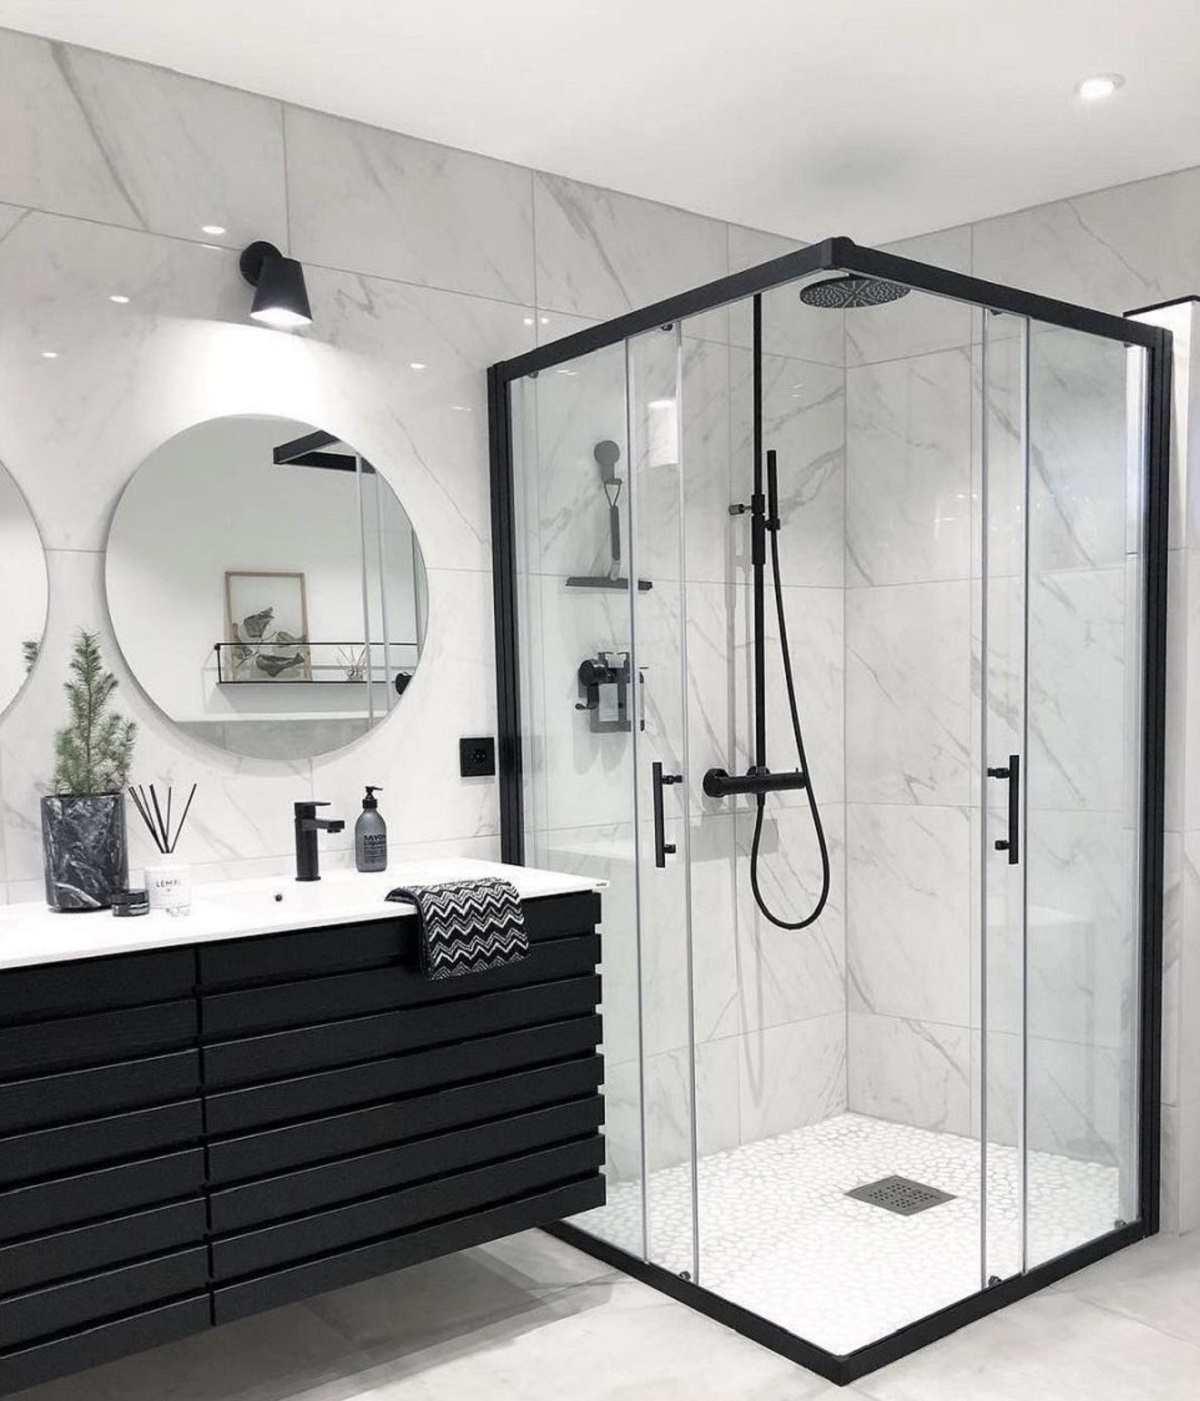 Thiết kế nhà vệ sinh nhà phố đẹp hệ thông kính hiện đại